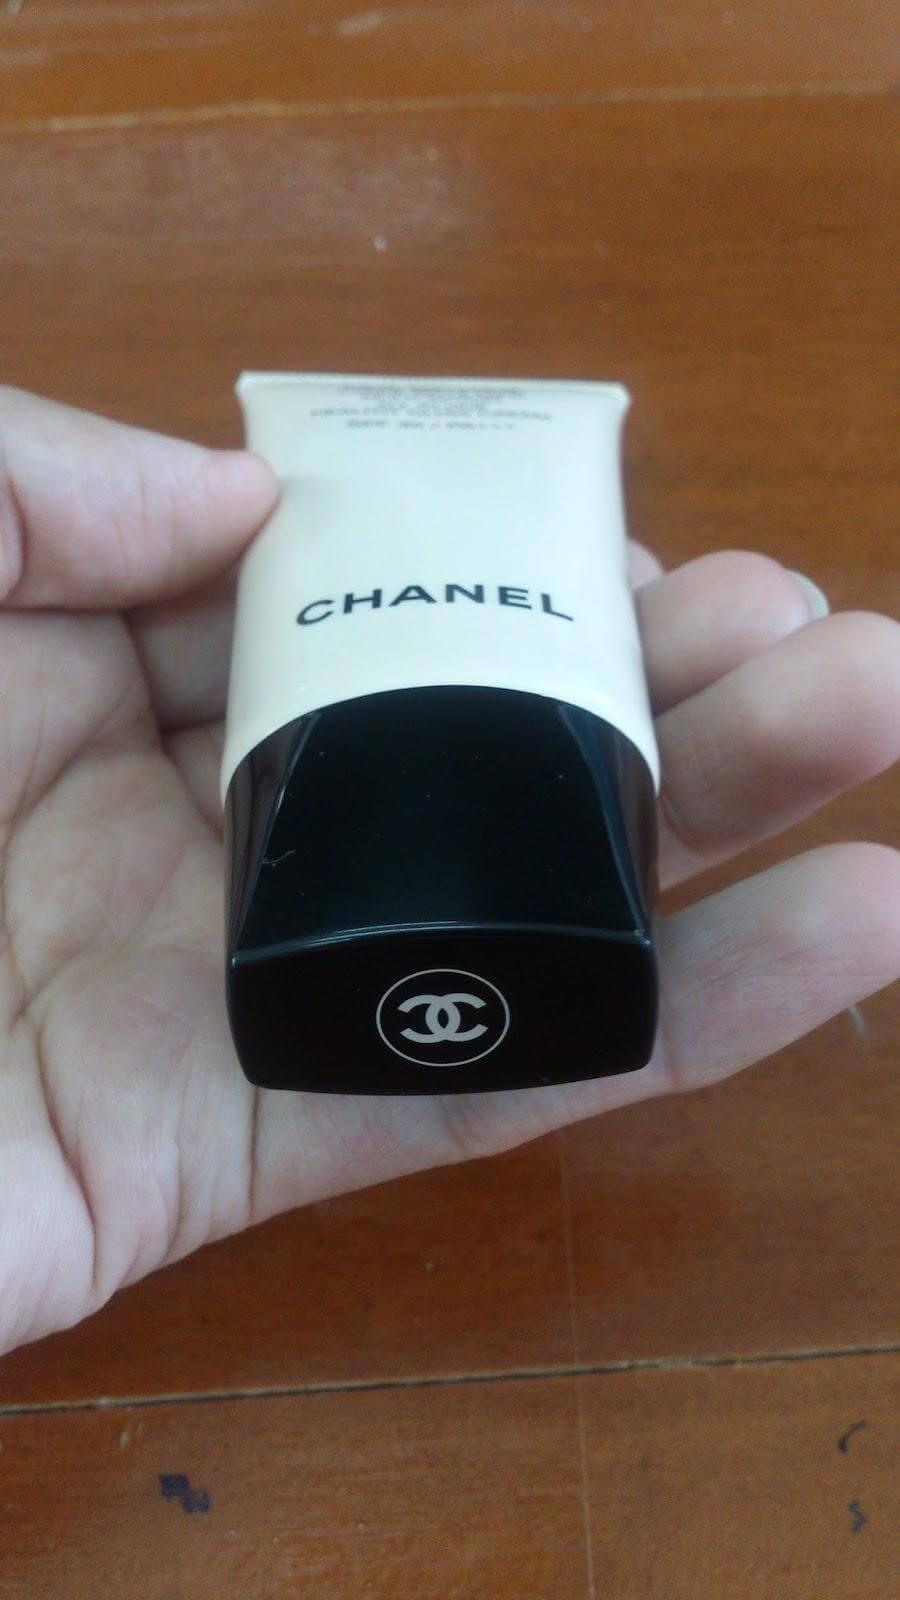 Kem nền Chanel Trang điểm mặt LES BEIGES